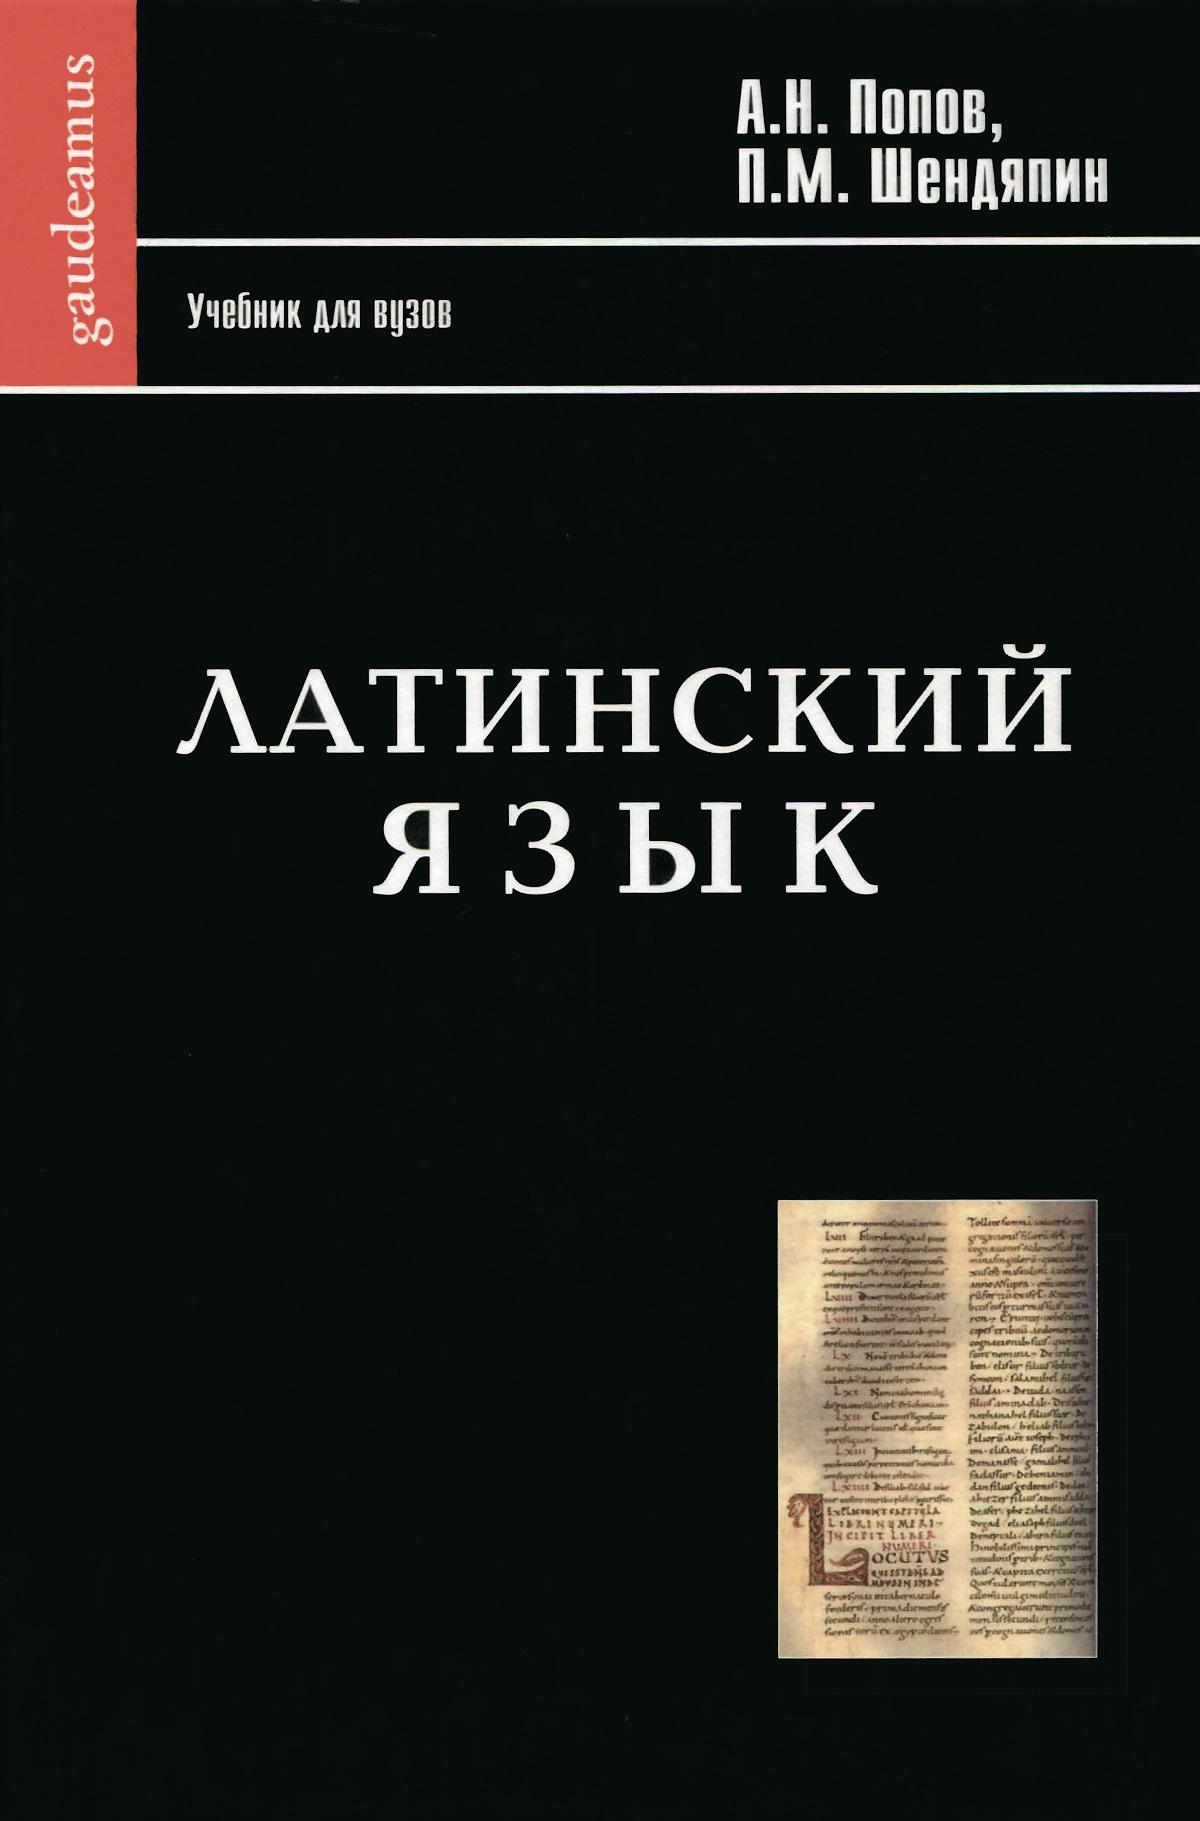 Учебник латинского чернявский читать онлайн